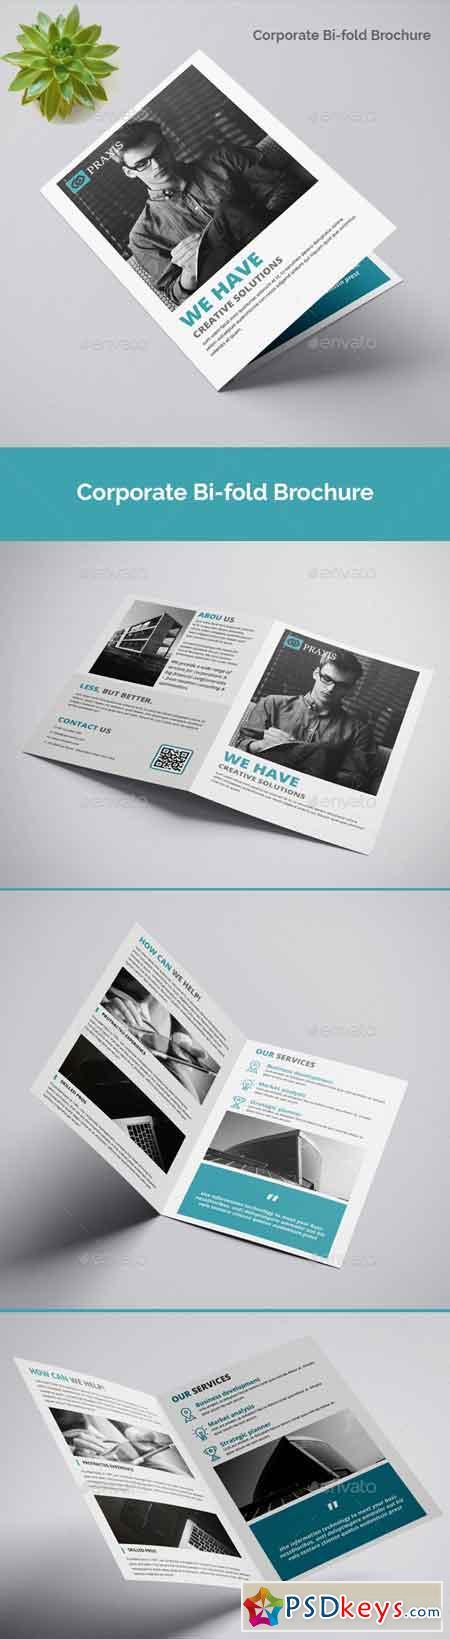 Corporate Bi-fold Brochure 22689054